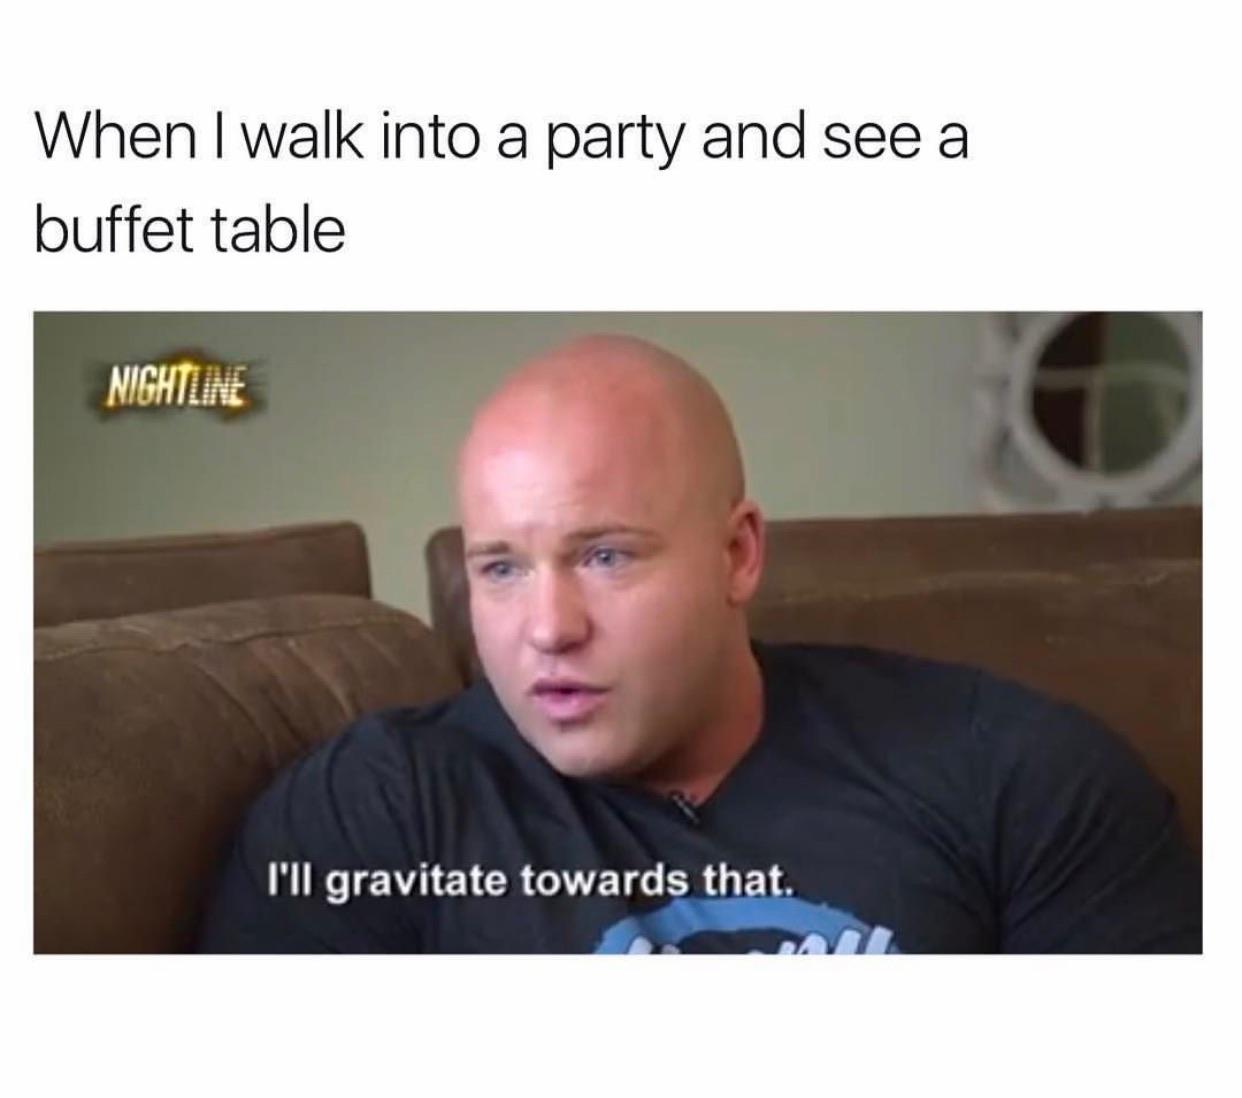 The Dankest Memes